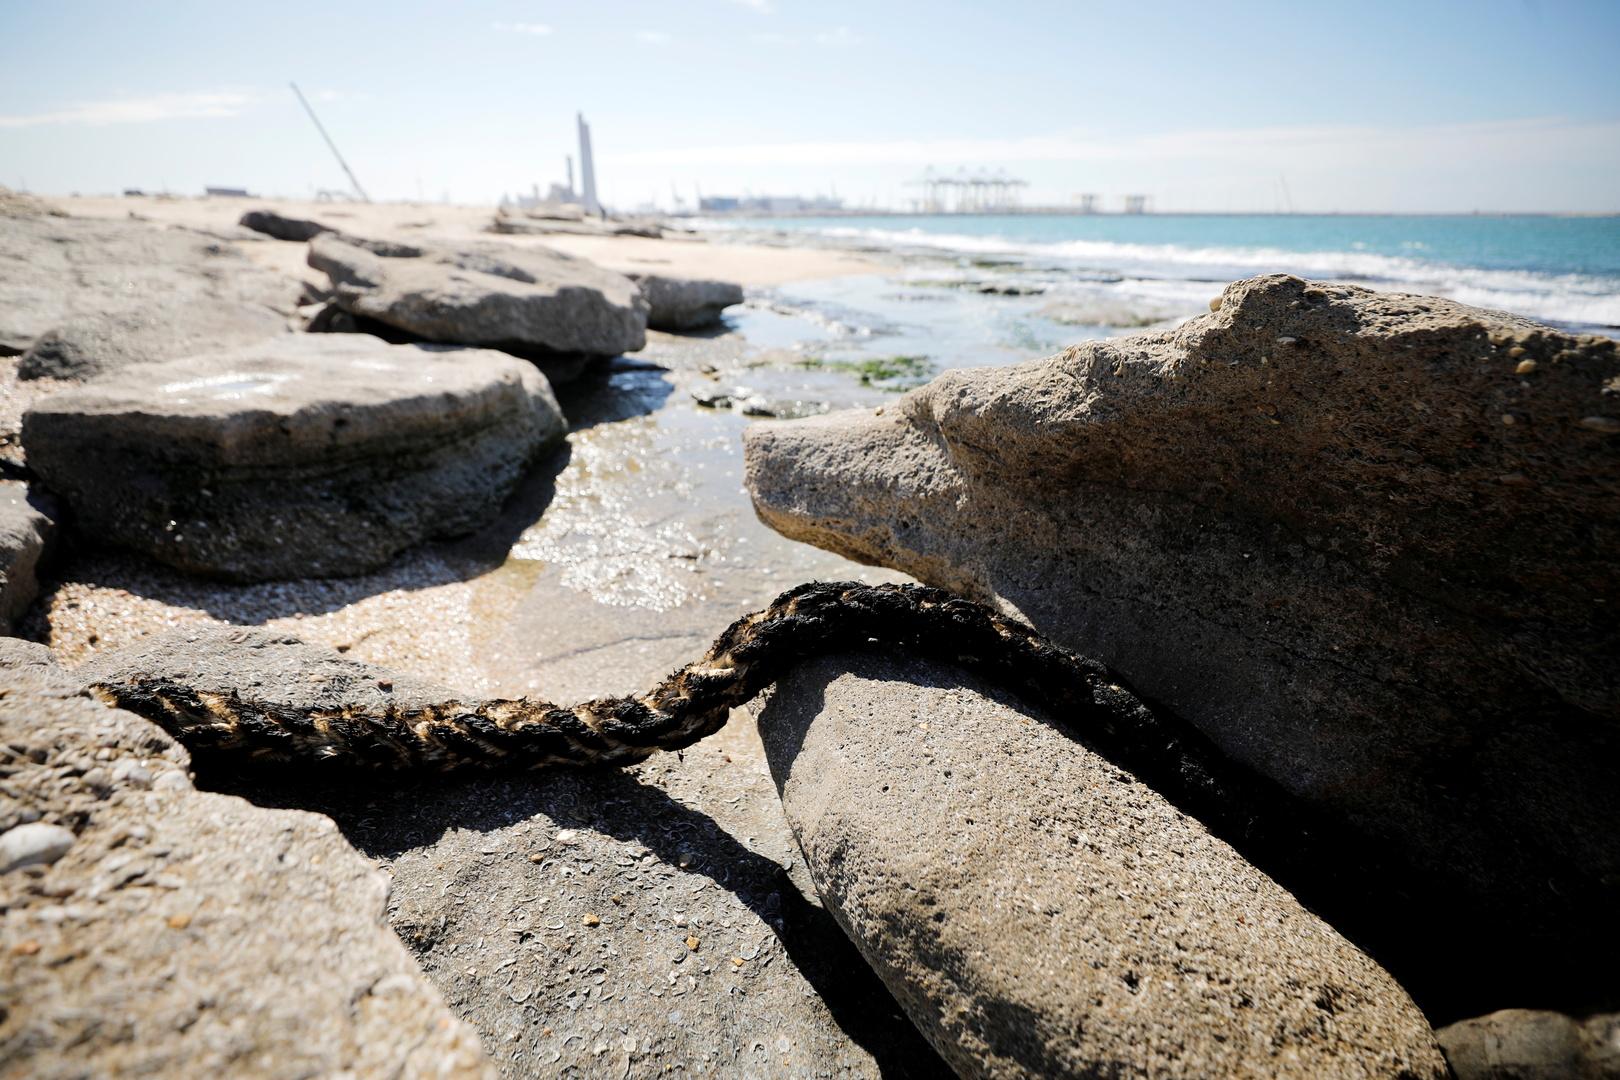 إسرائيل تغلق شواطئ المتوسط إثر تسرب نفطي غامض ونتنياهو يبحث الوضع مع وزير الطاقة المصري